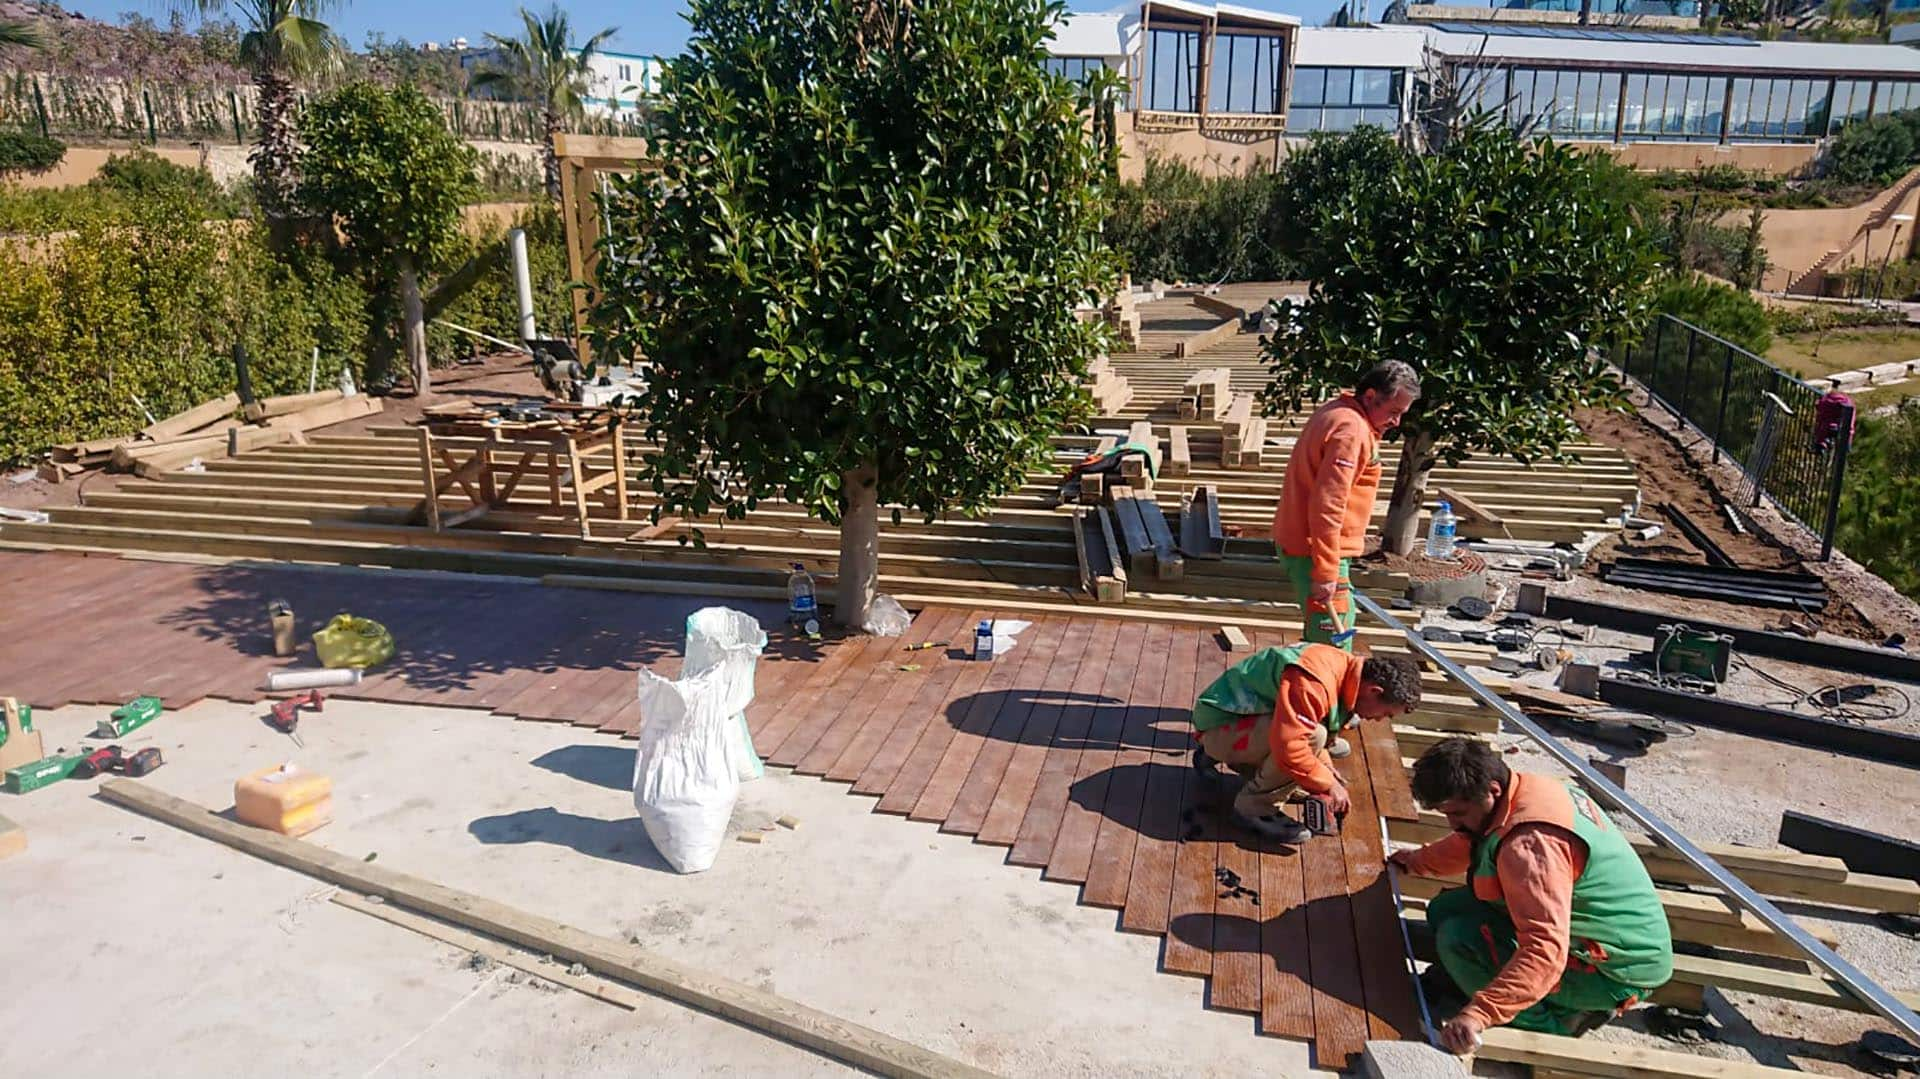 Le Meridien Bodrum Beach Resort Bambudeck Uygulamaları